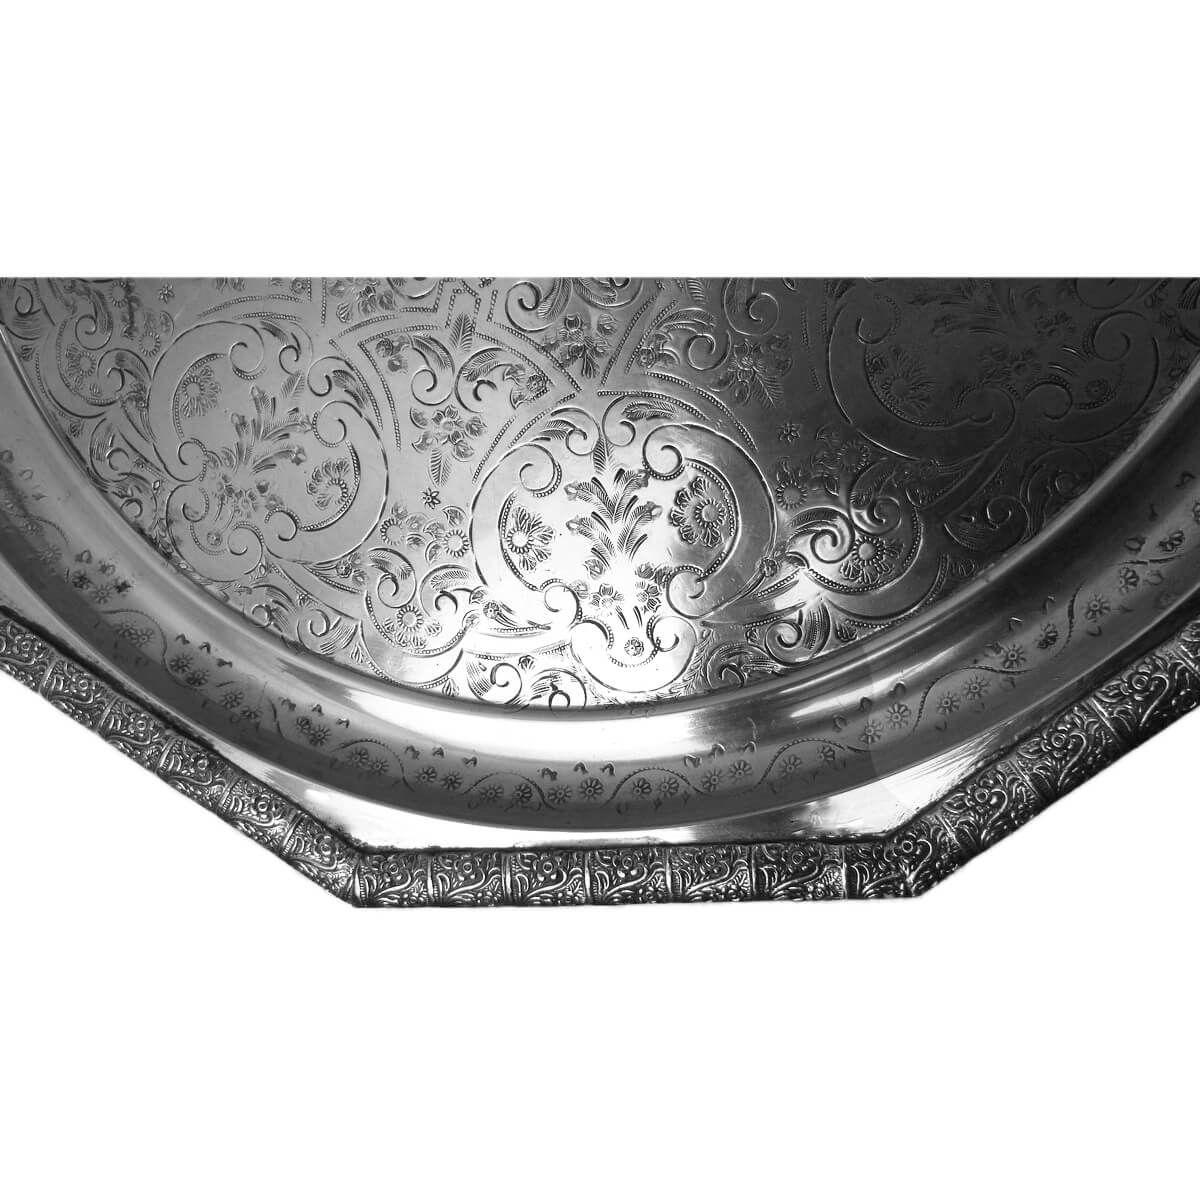 orientalisches marokkanisches tablett serviertablett tee silber unikat 64cm ebay. Black Bedroom Furniture Sets. Home Design Ideas